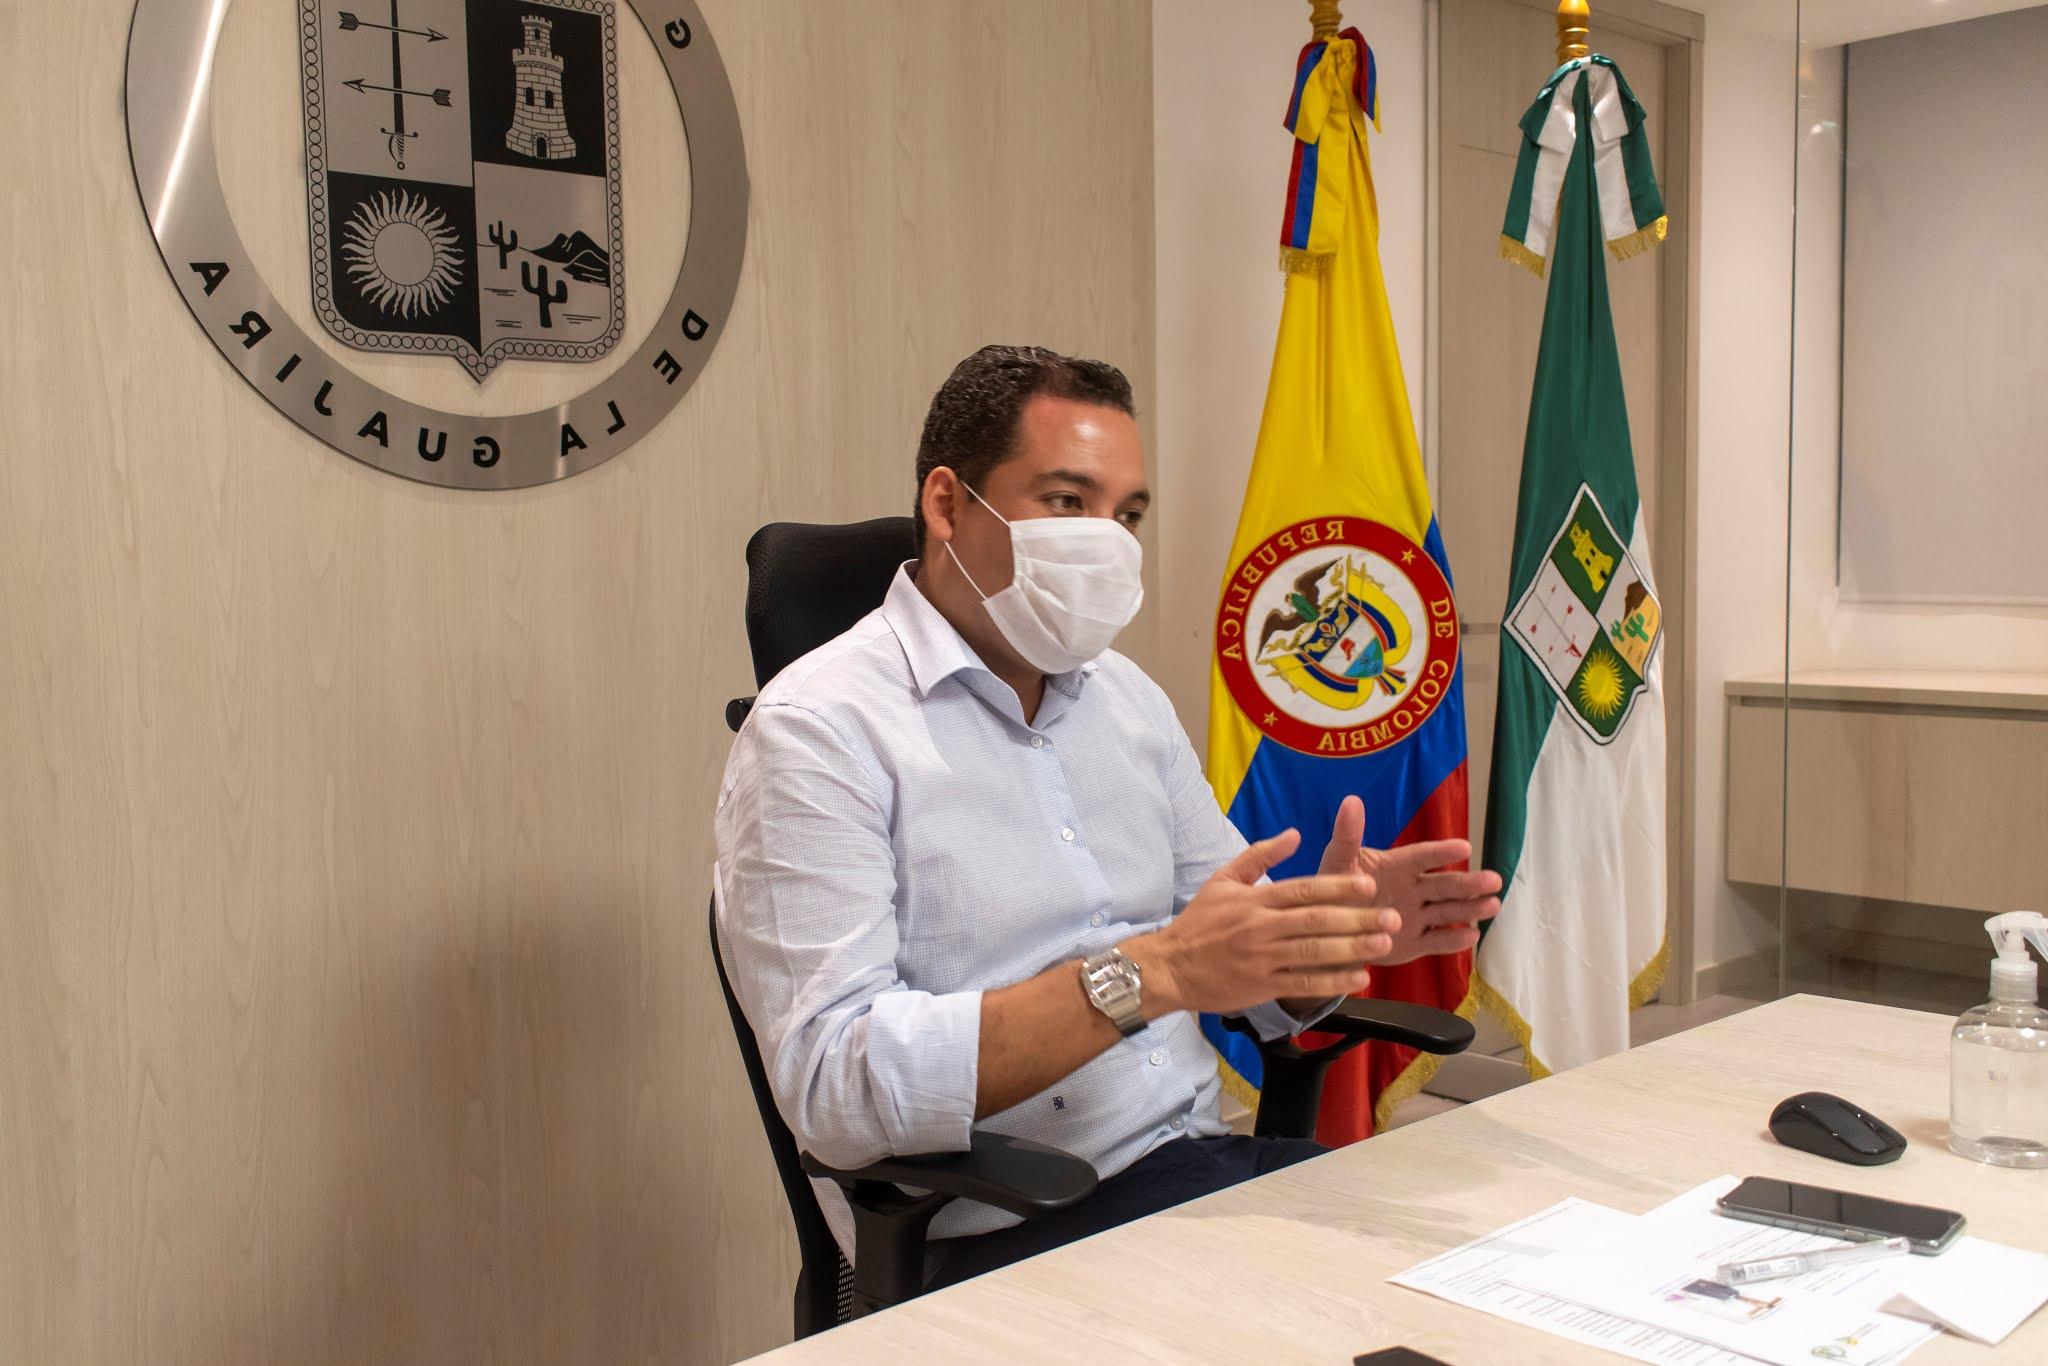 https://www.notasrosas.com/Gobernador de La Guajira decreta Toque de Queda en su jurisdicción, del 11 al 19 de abril de 2021